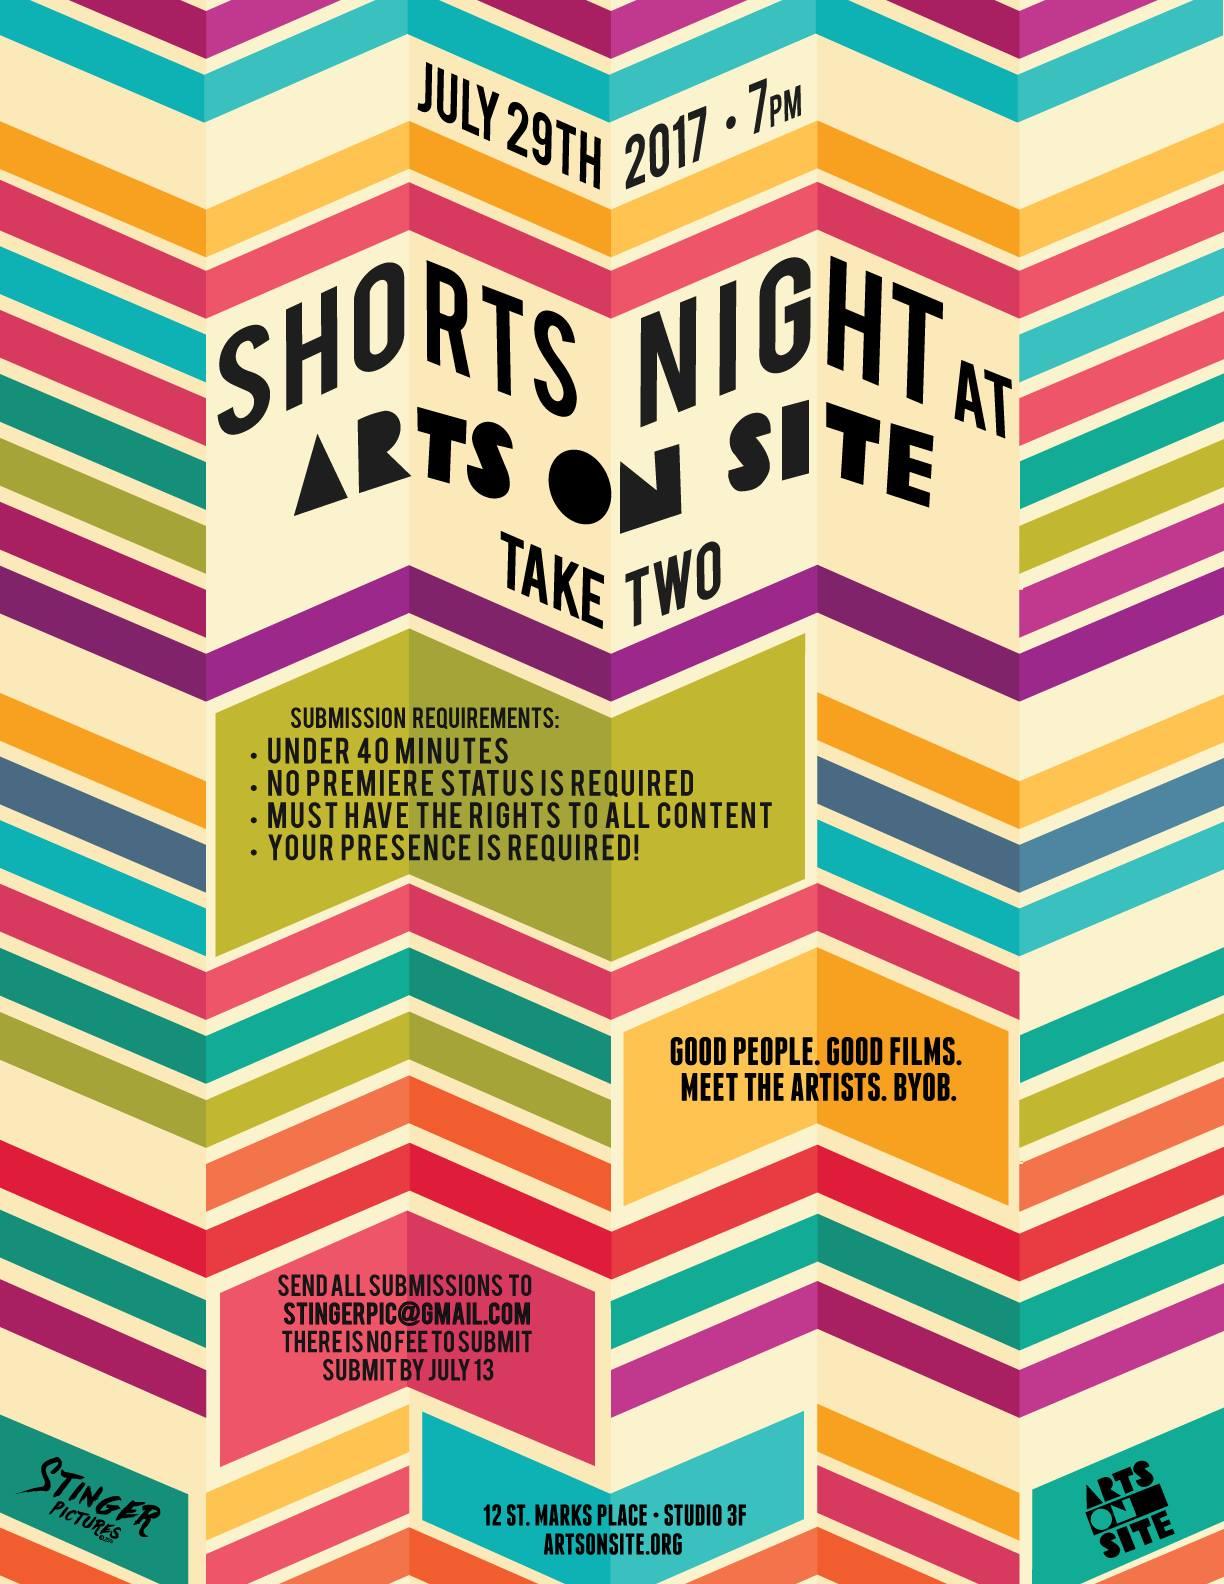 shorts night take 2